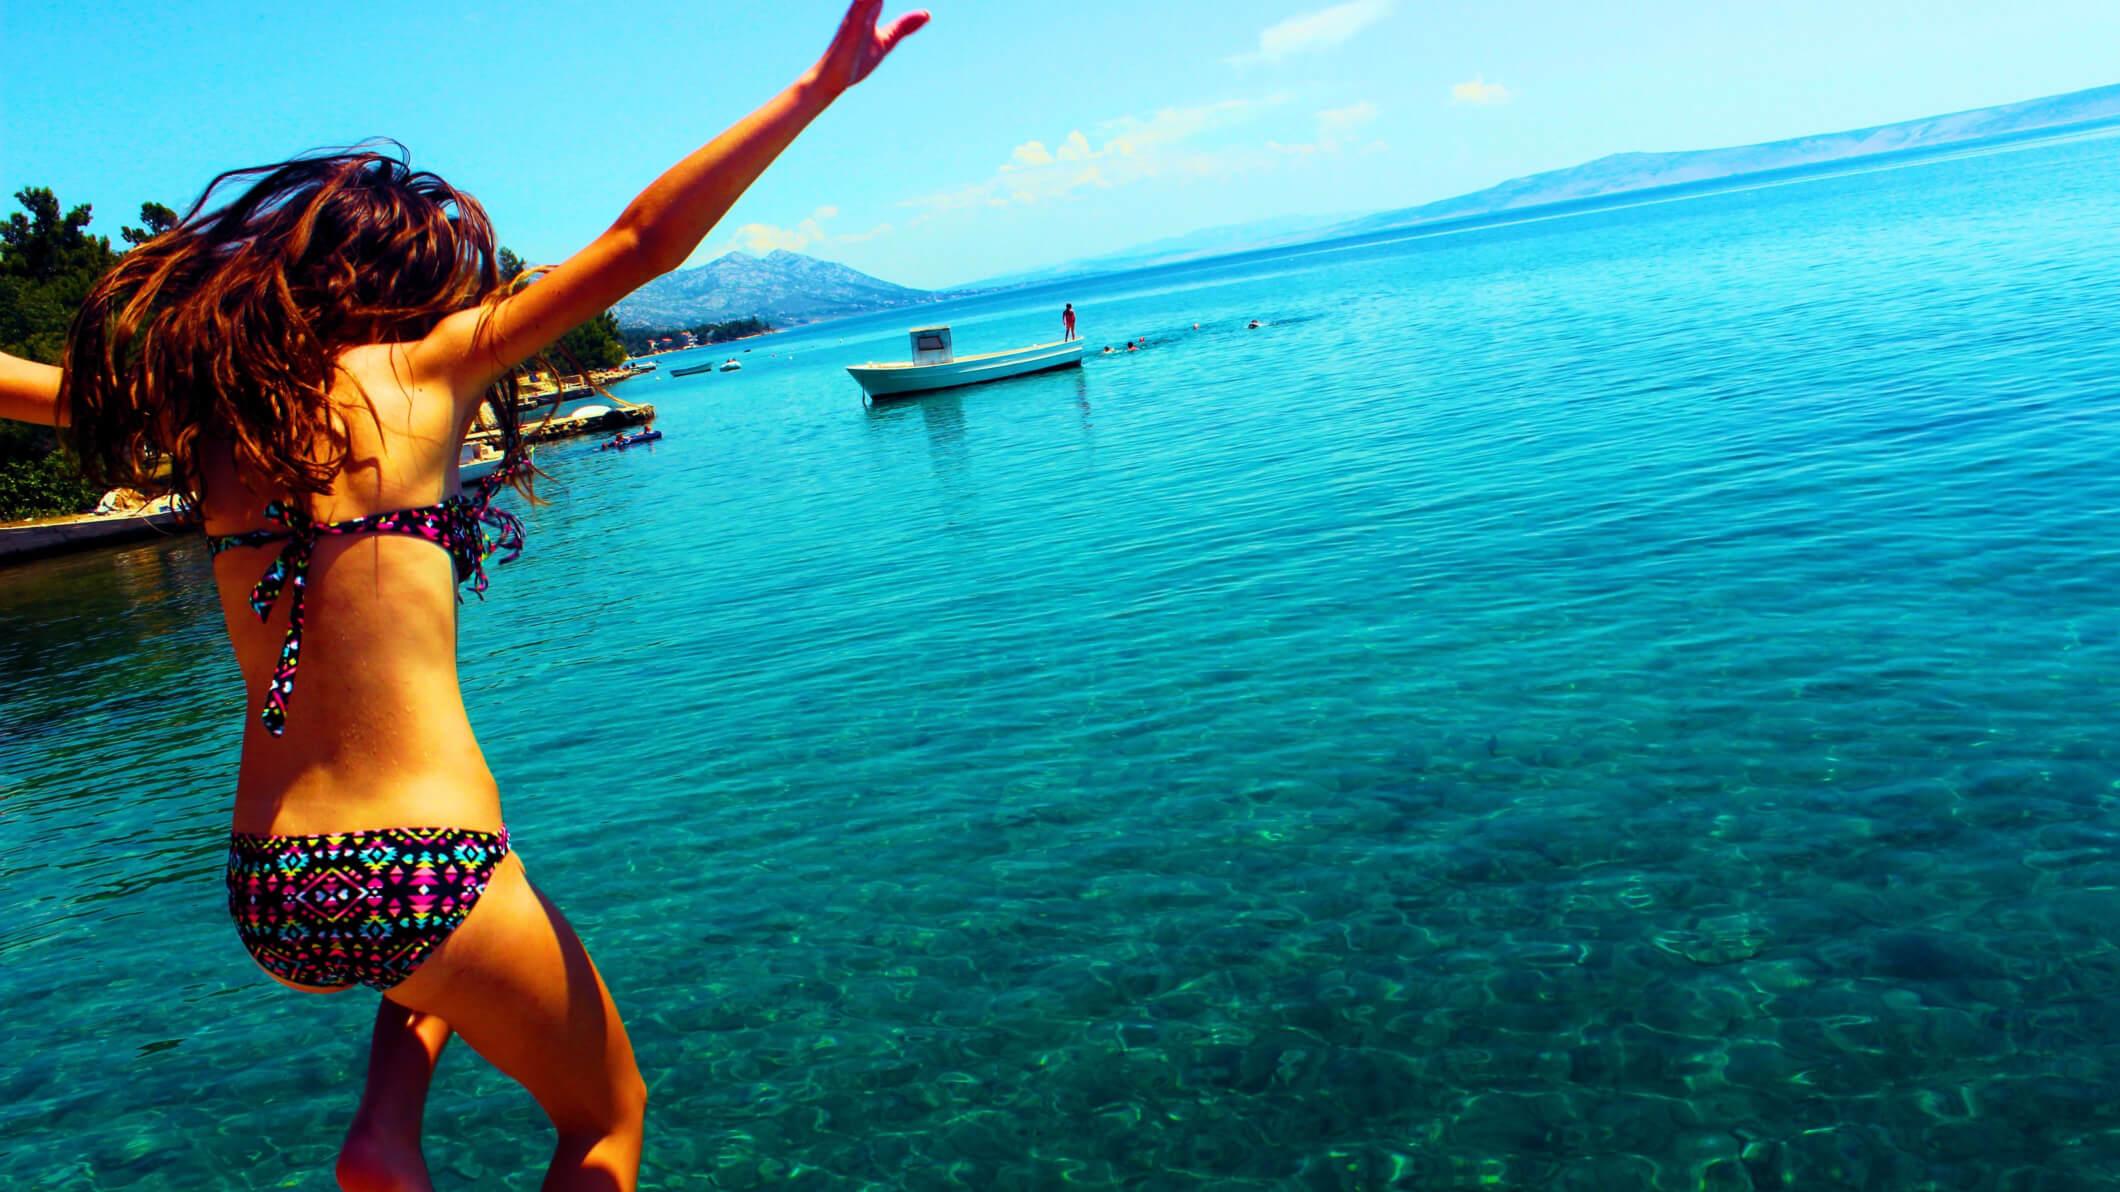 SKN beverly hills lowdown on summer skin care